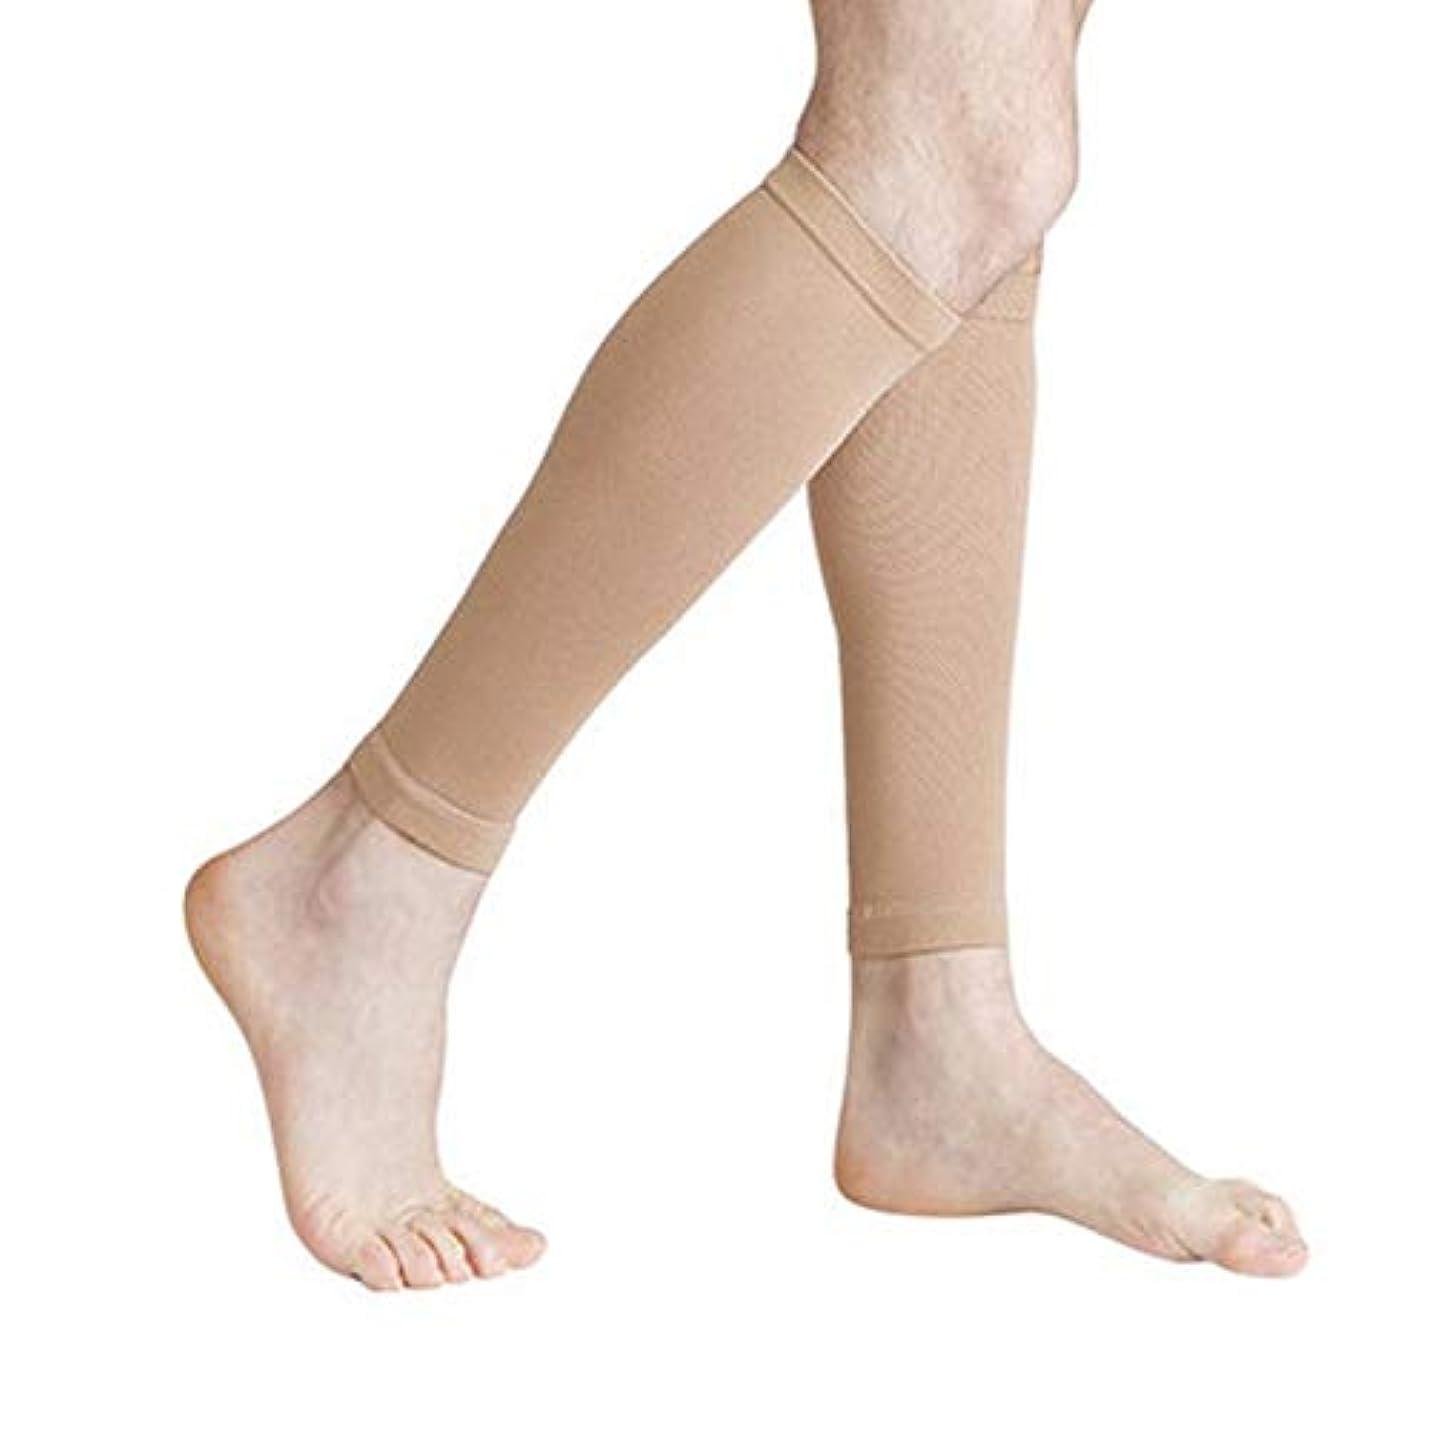 コントローラトンシステム丈夫な男性女性プロの圧縮靴下通気性のある旅行活動看護師用シントスプリントフライトトラベル - 肌色